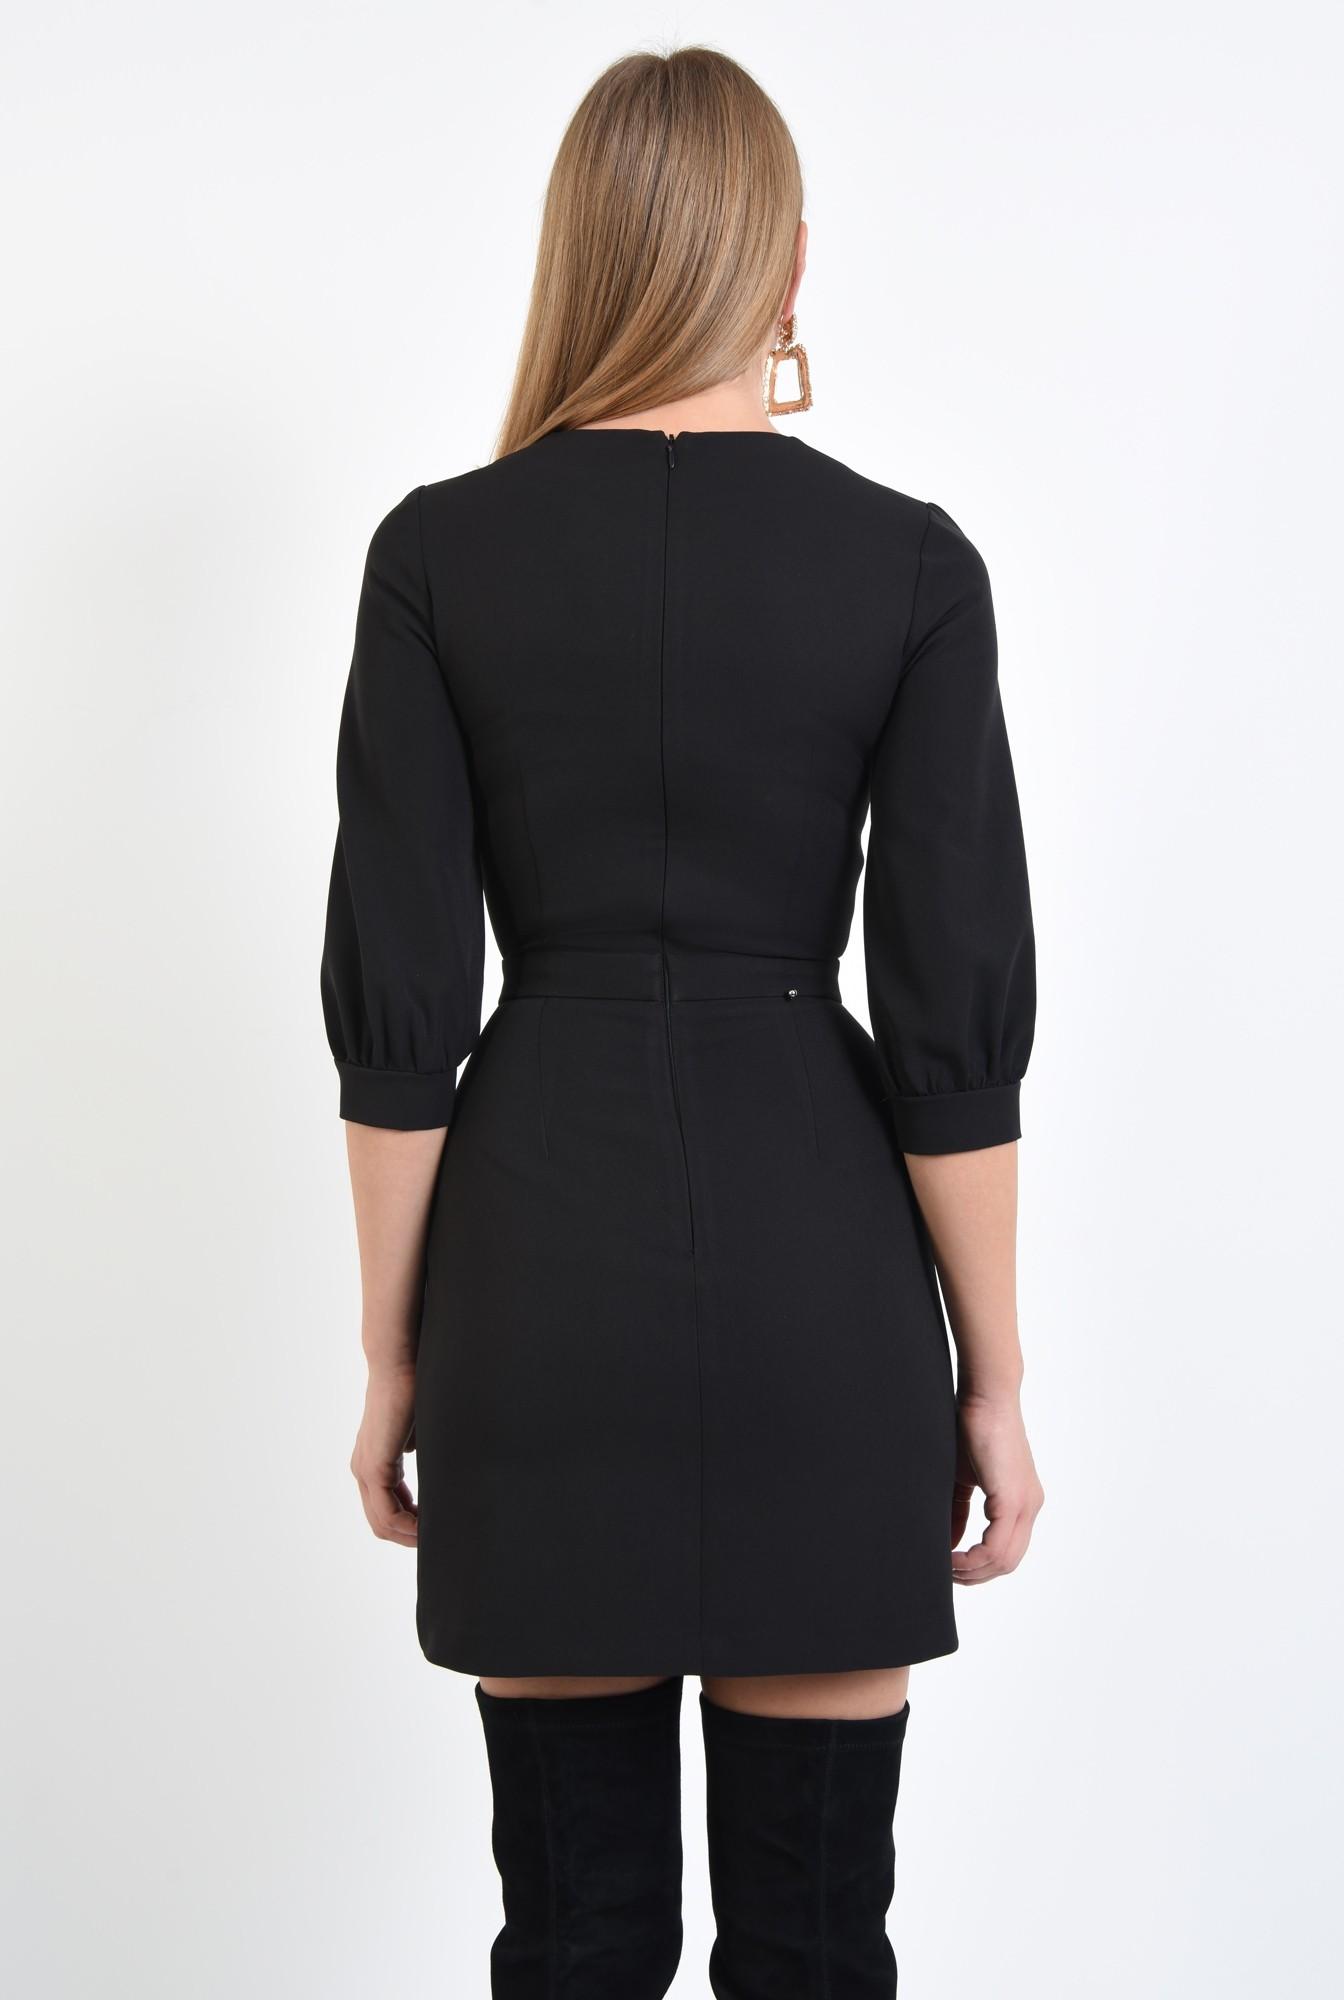 1 - 360 - rochie eleganta conica, betelie ingusta, decolteu rotund la baza gatului. rochii online